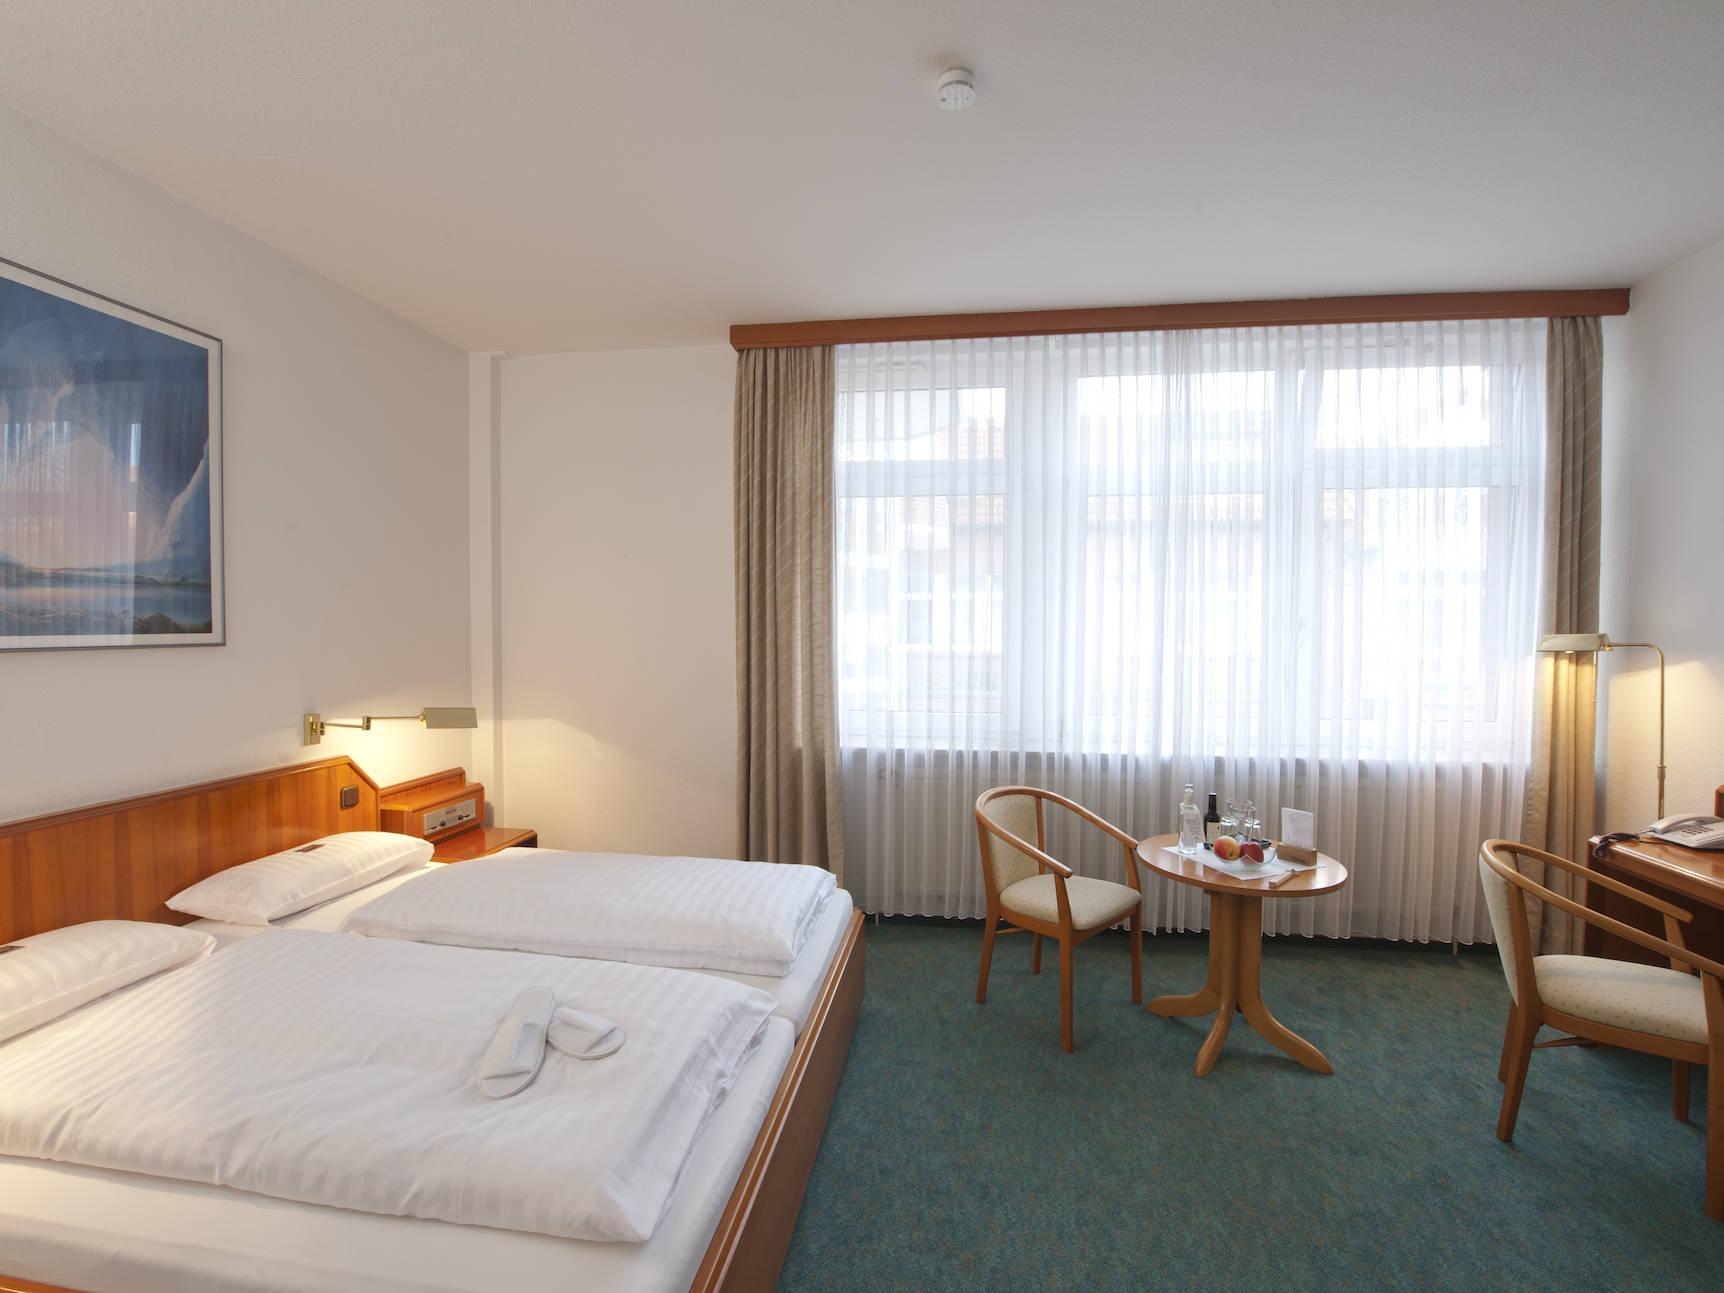 Zimmer Hotel am Stadtpark Buxtehude 8 uai